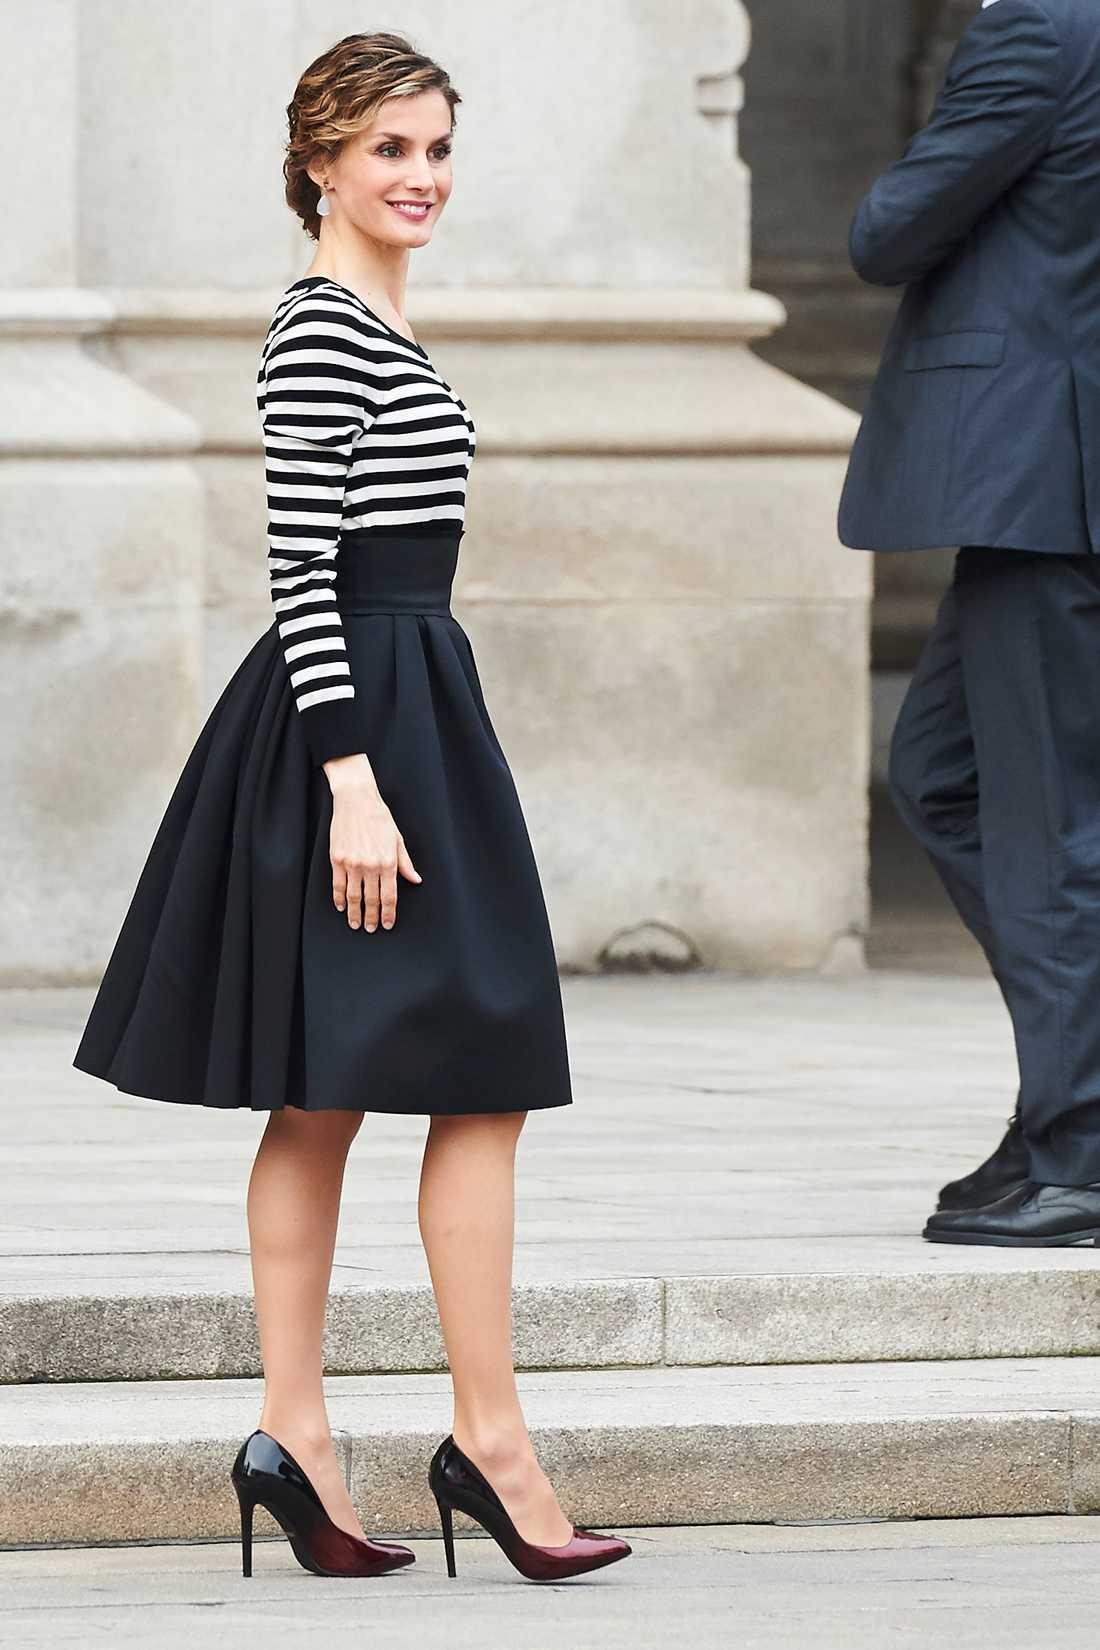 Drottning Letizia av Spanien Letizia ser fantastsikt härligt avslappnad ut i vippig kjol och randig tröja. Riktigt snyggt säger vi.